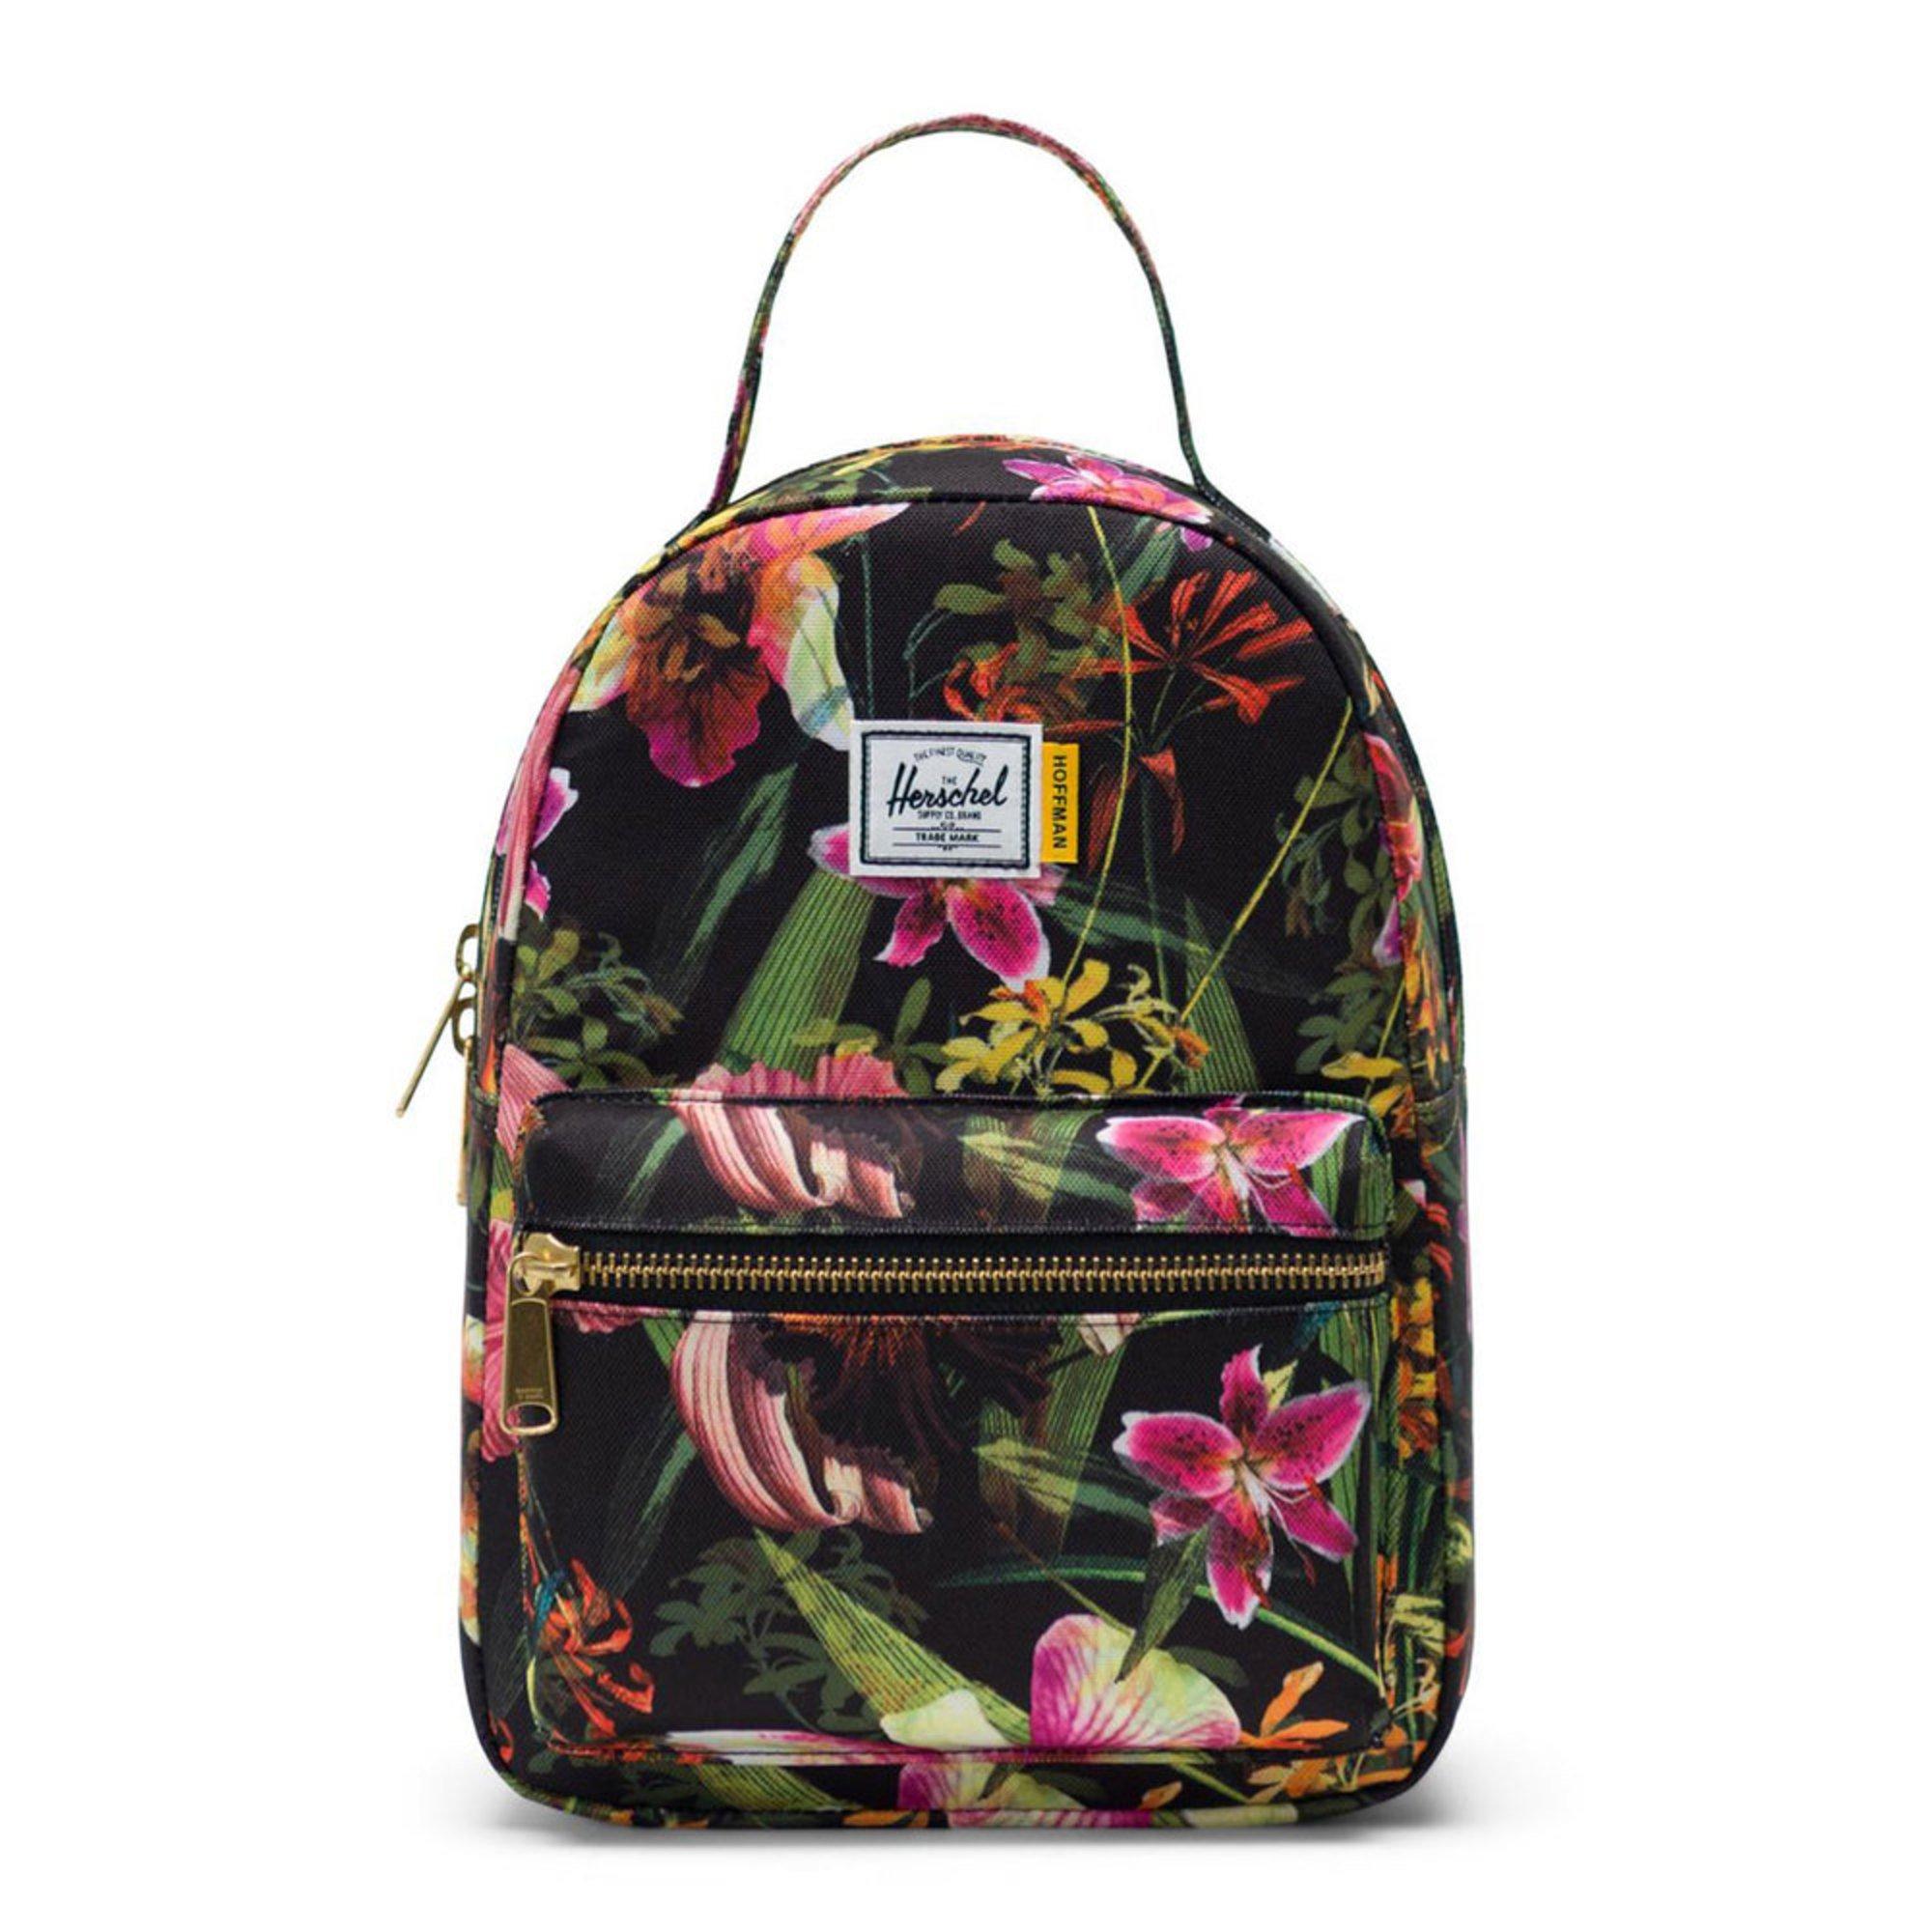 8650139a2ed Herschel Nova Mini Backpack